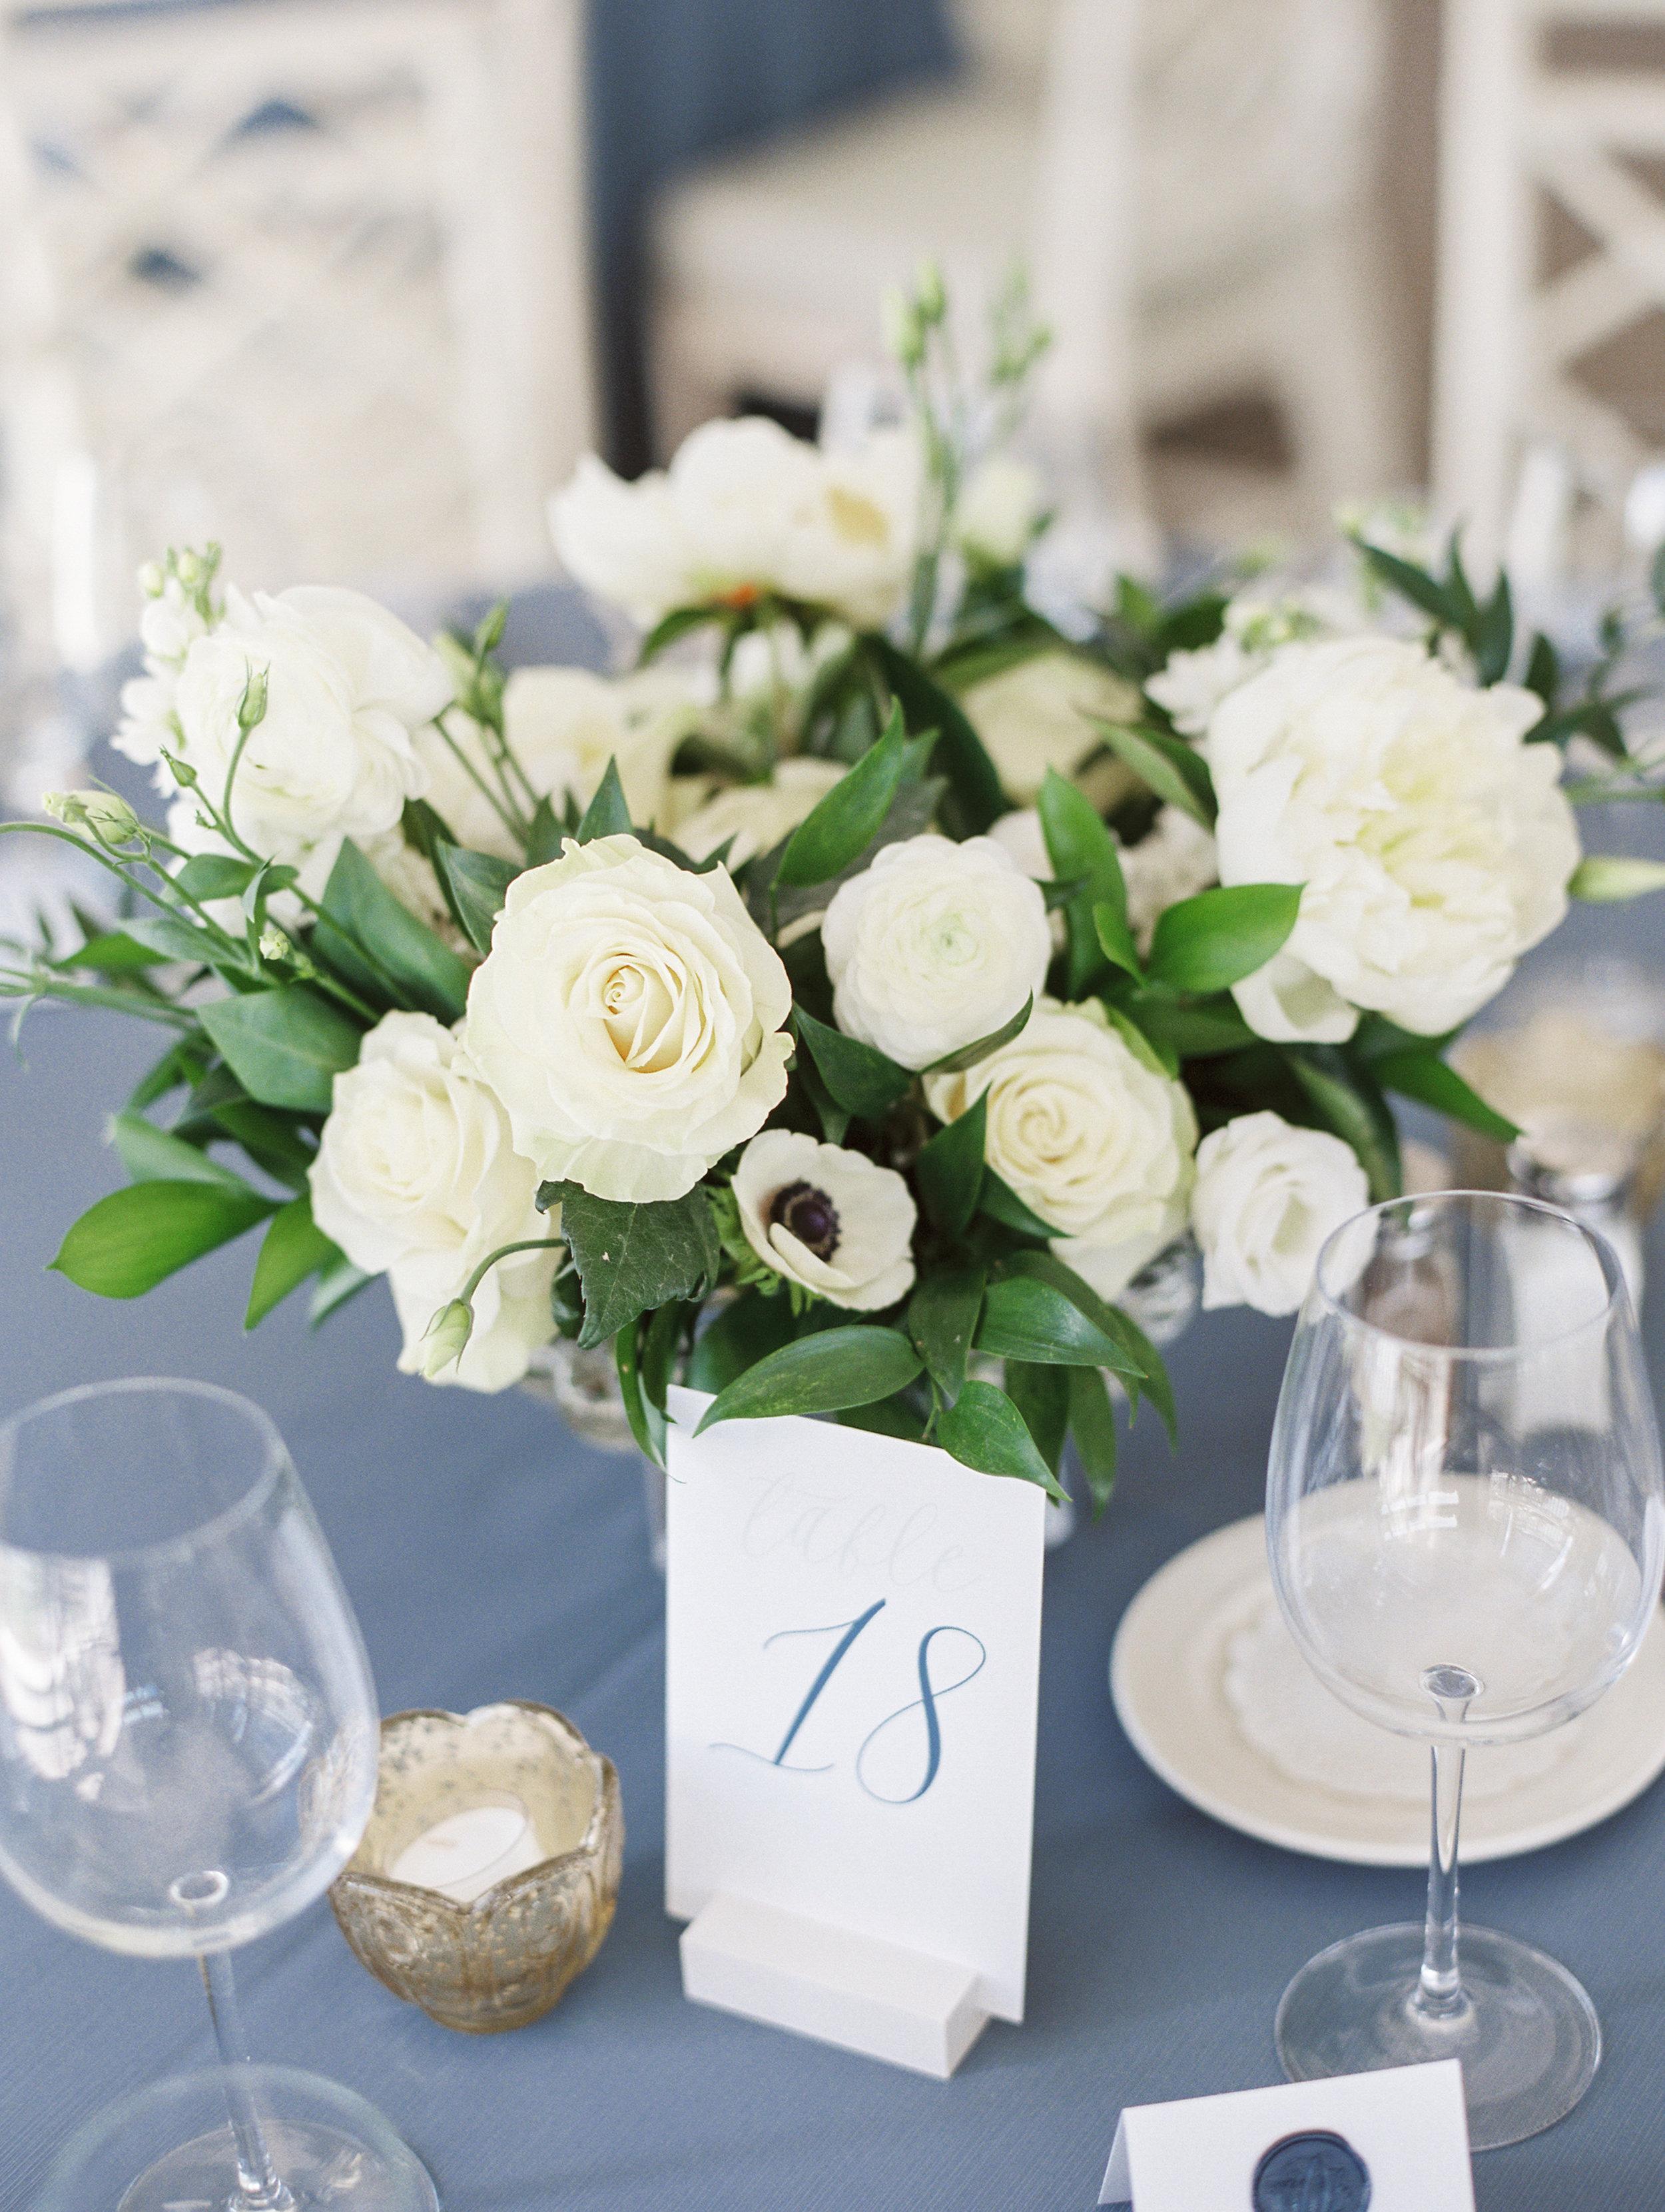 DeGuilio+Wedding+Reception+Detailsf-15.jpg